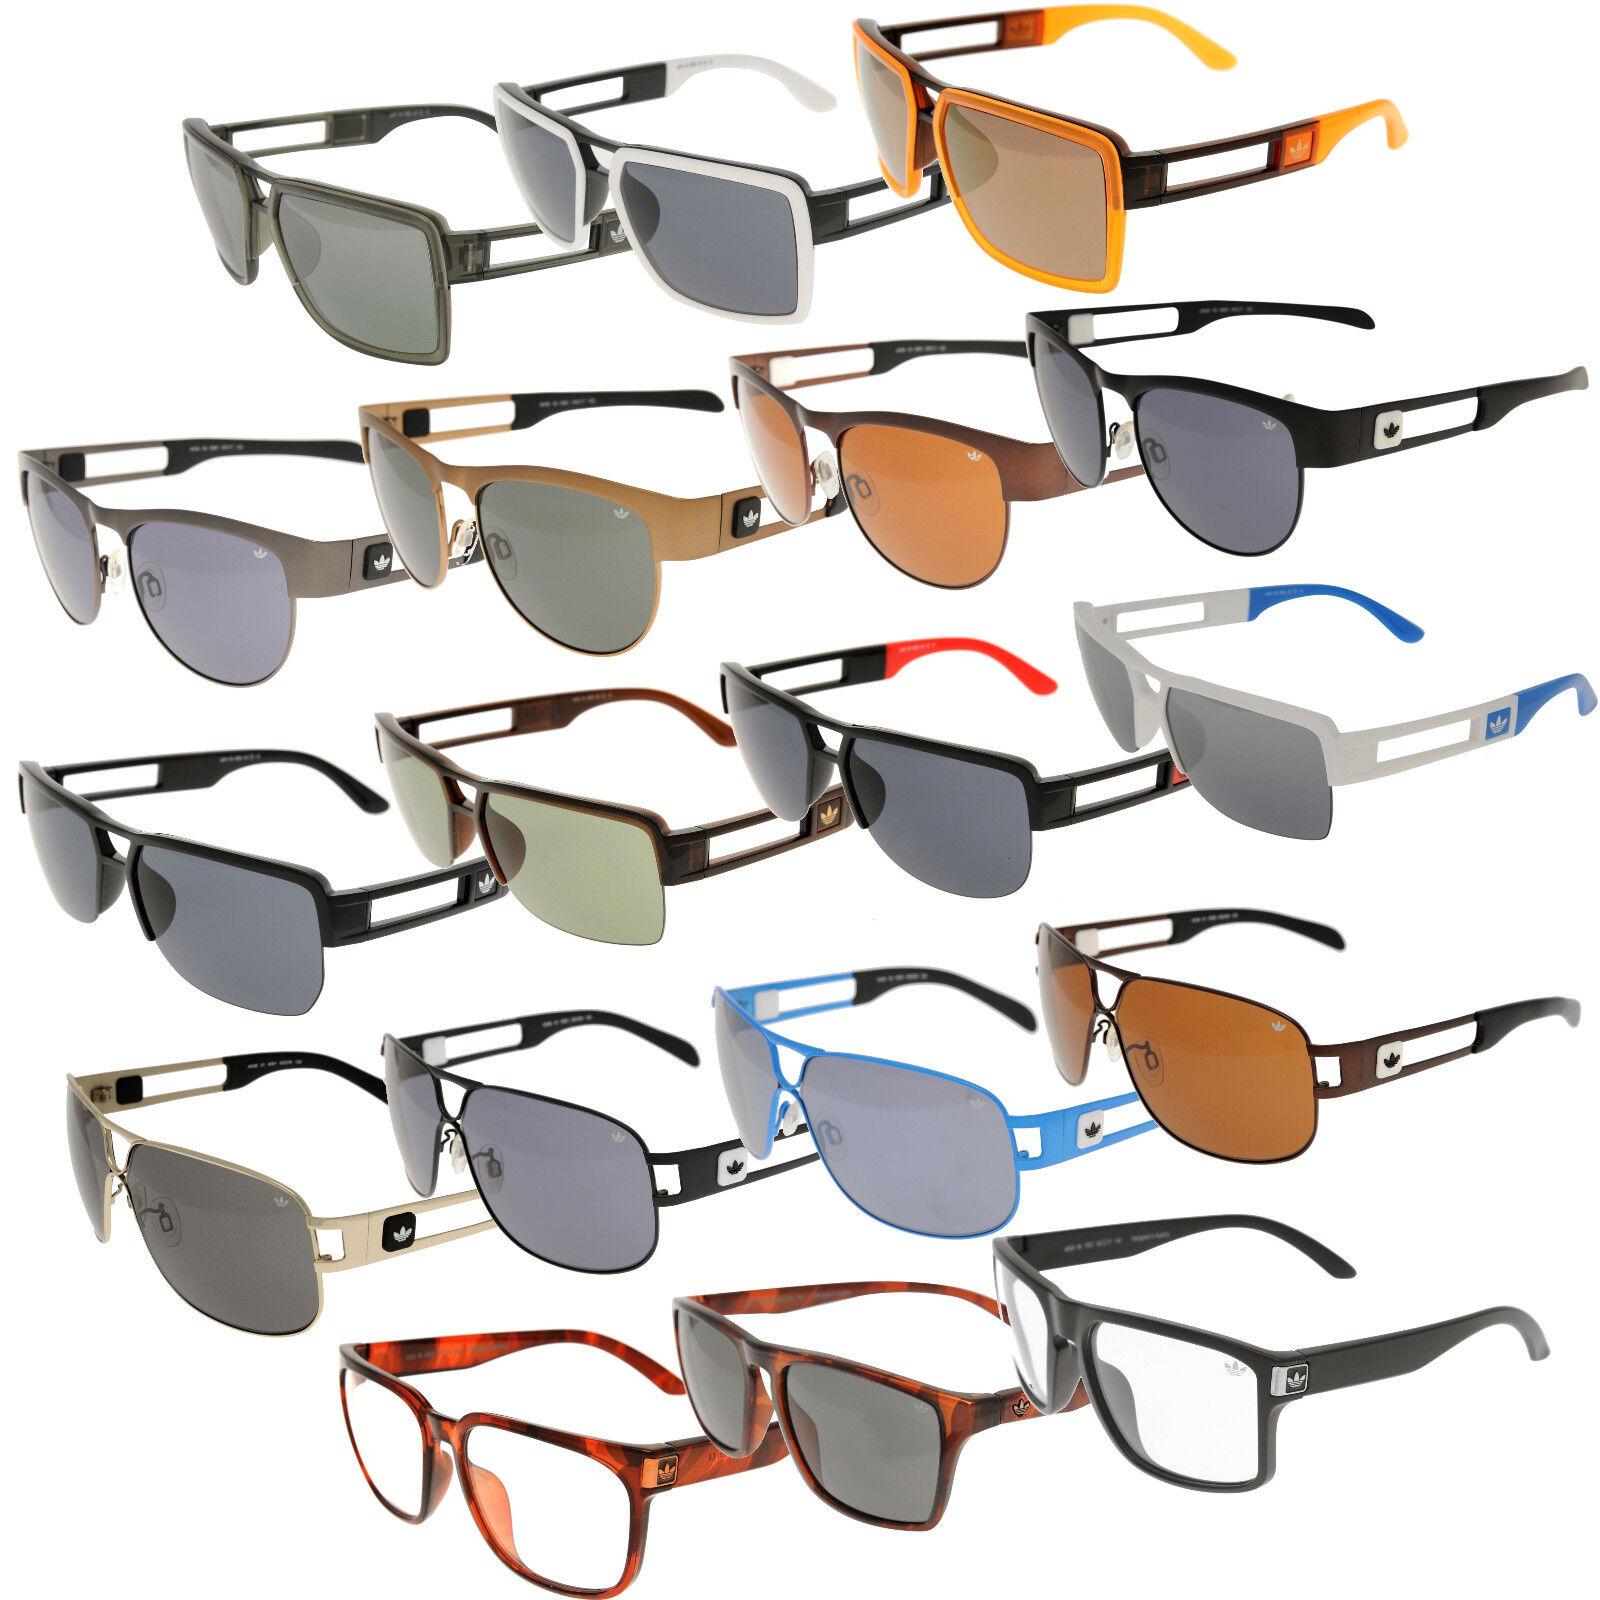 Adidas Originals Sonnenbrille Herren Getönt Klar 18 Modelle Brille NEU Geschenk